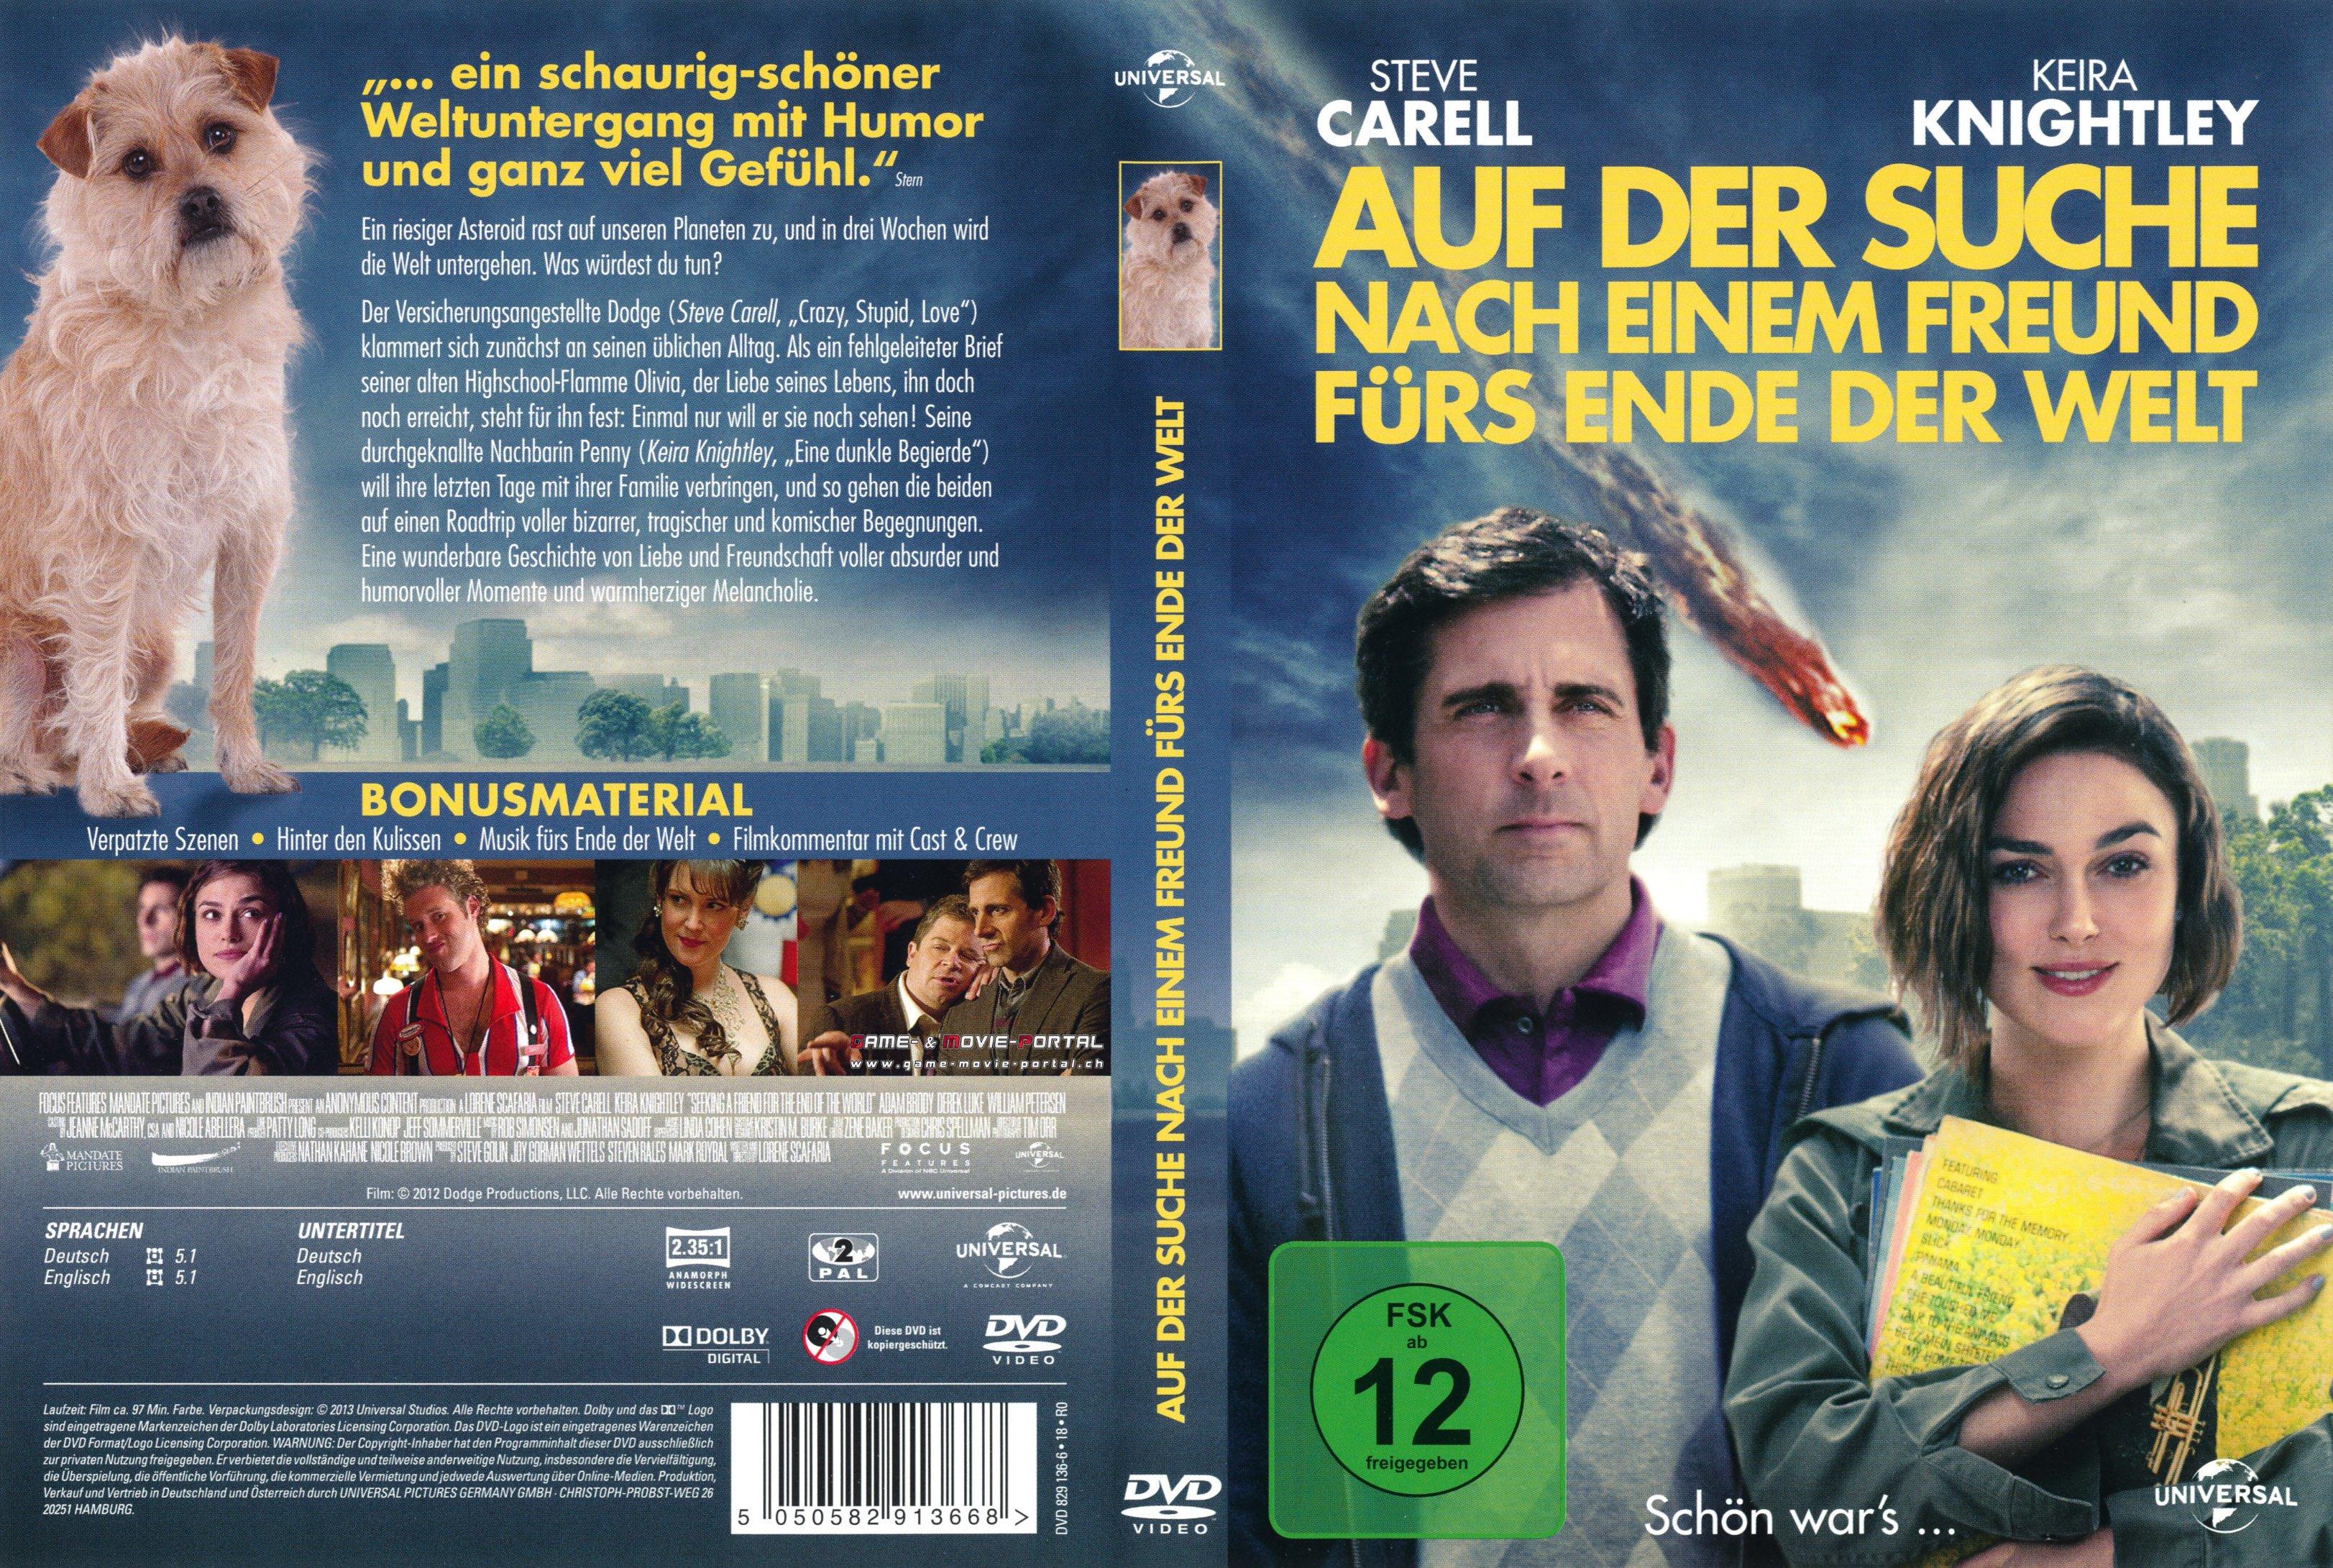 Dvd Cover Suche